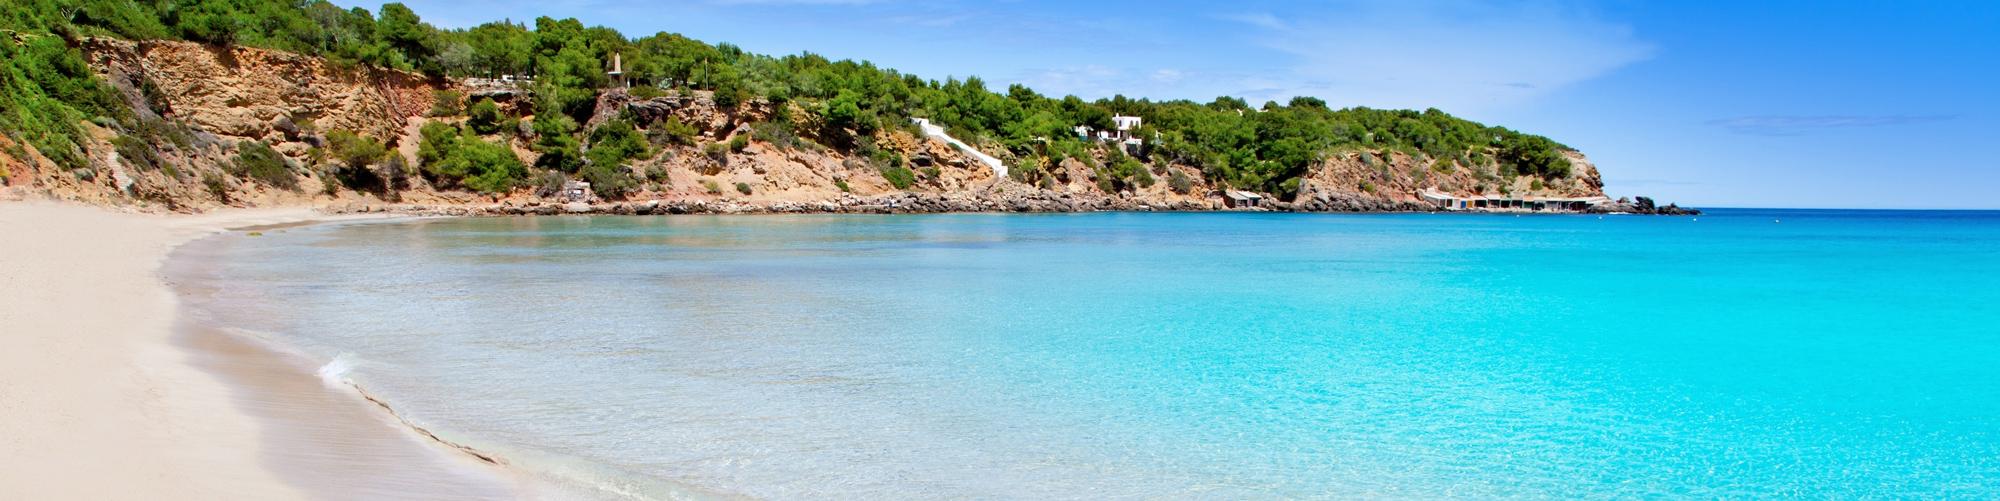 Last minute Ibiza vacanze, offerte e voli - IBIZA LOW COST